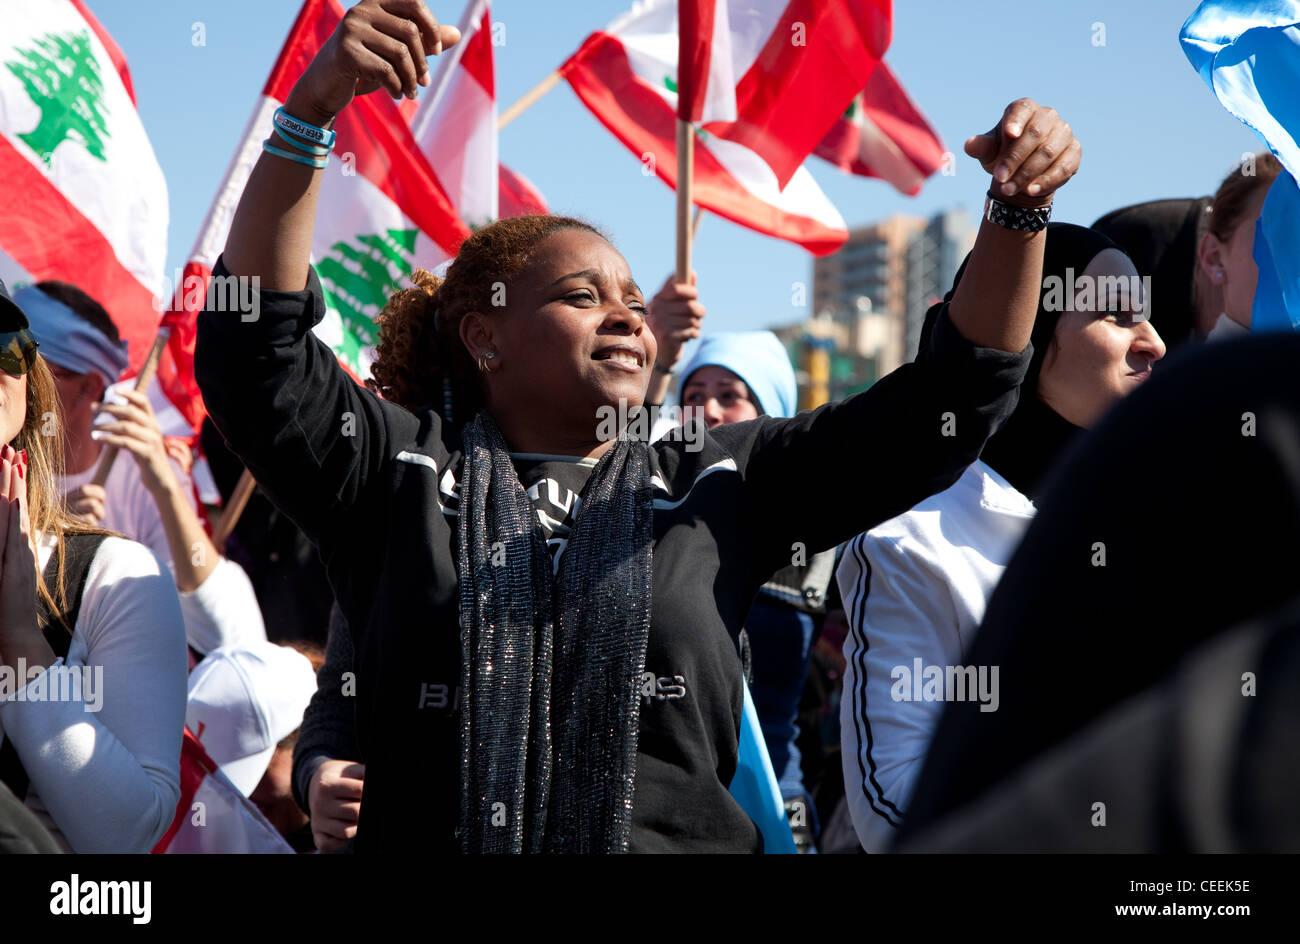 Jeune femme danse et sourit à rassemblement politique, impliquant jusqu'à 1 millions de personnes, Photo Stock